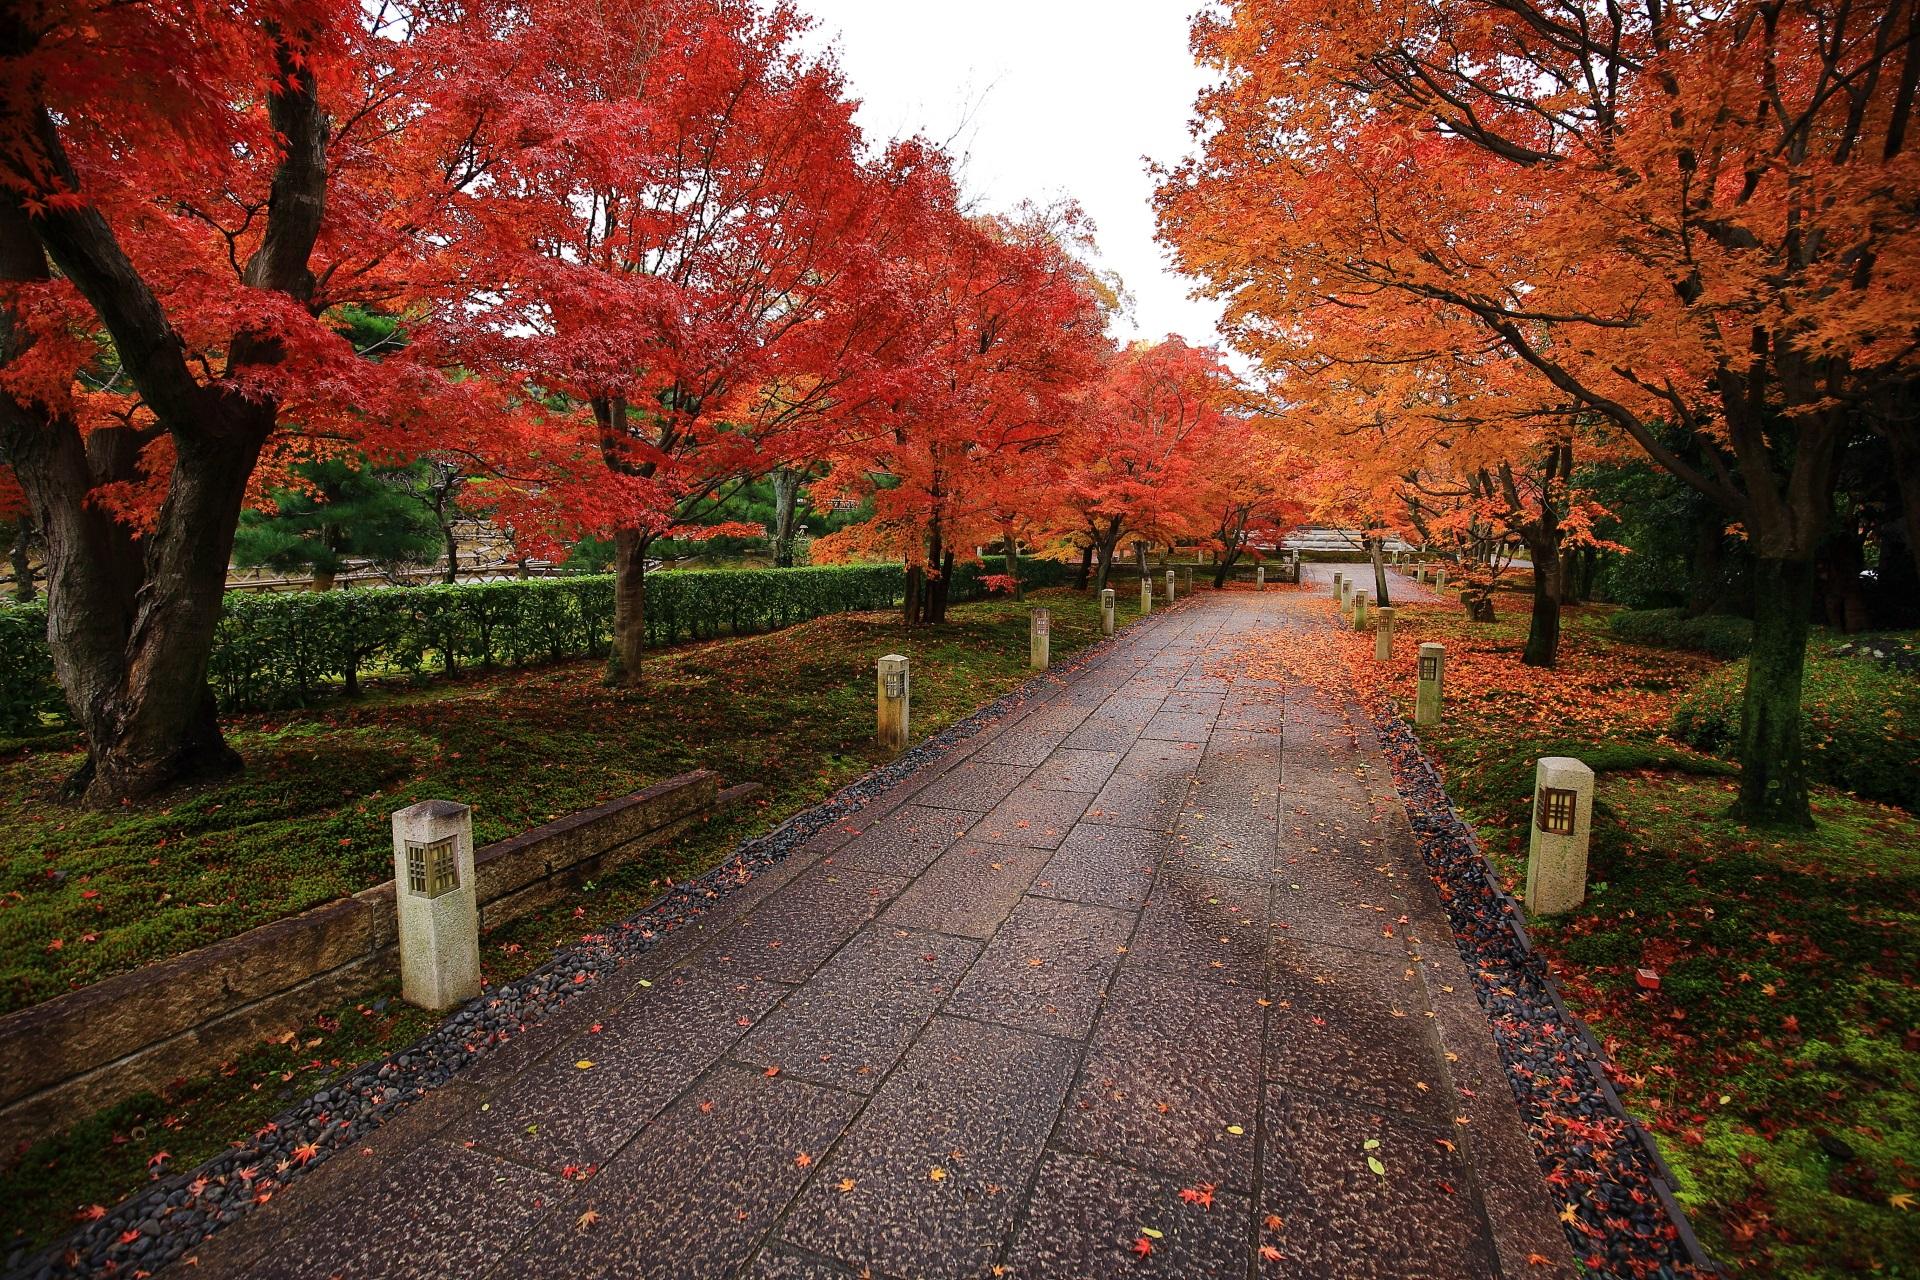 智積院の更に色づきが深まった晩秋の紅葉